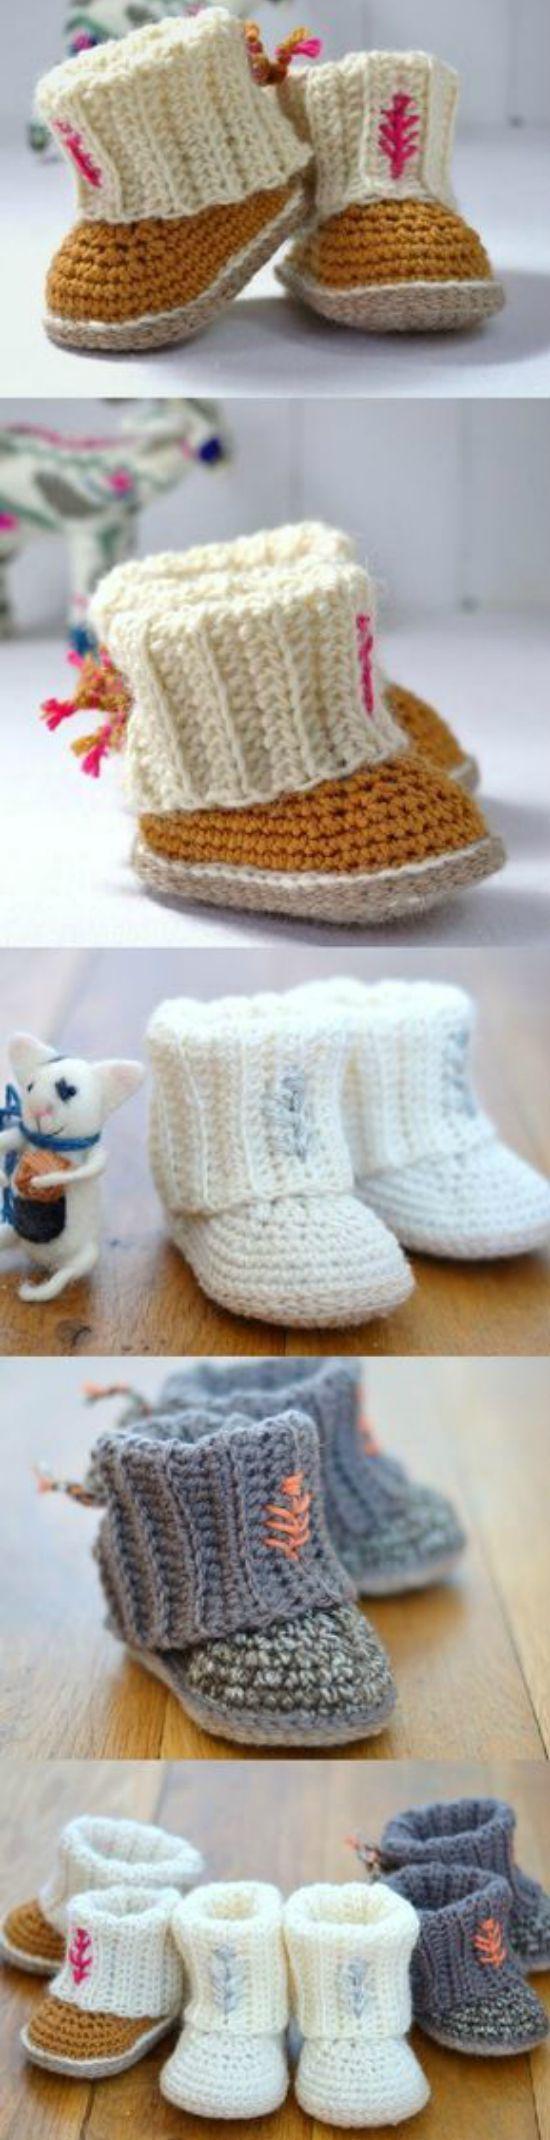 Crochet Ugg Booties Pattern Free Easy Video Tutorial | Stricken und ...